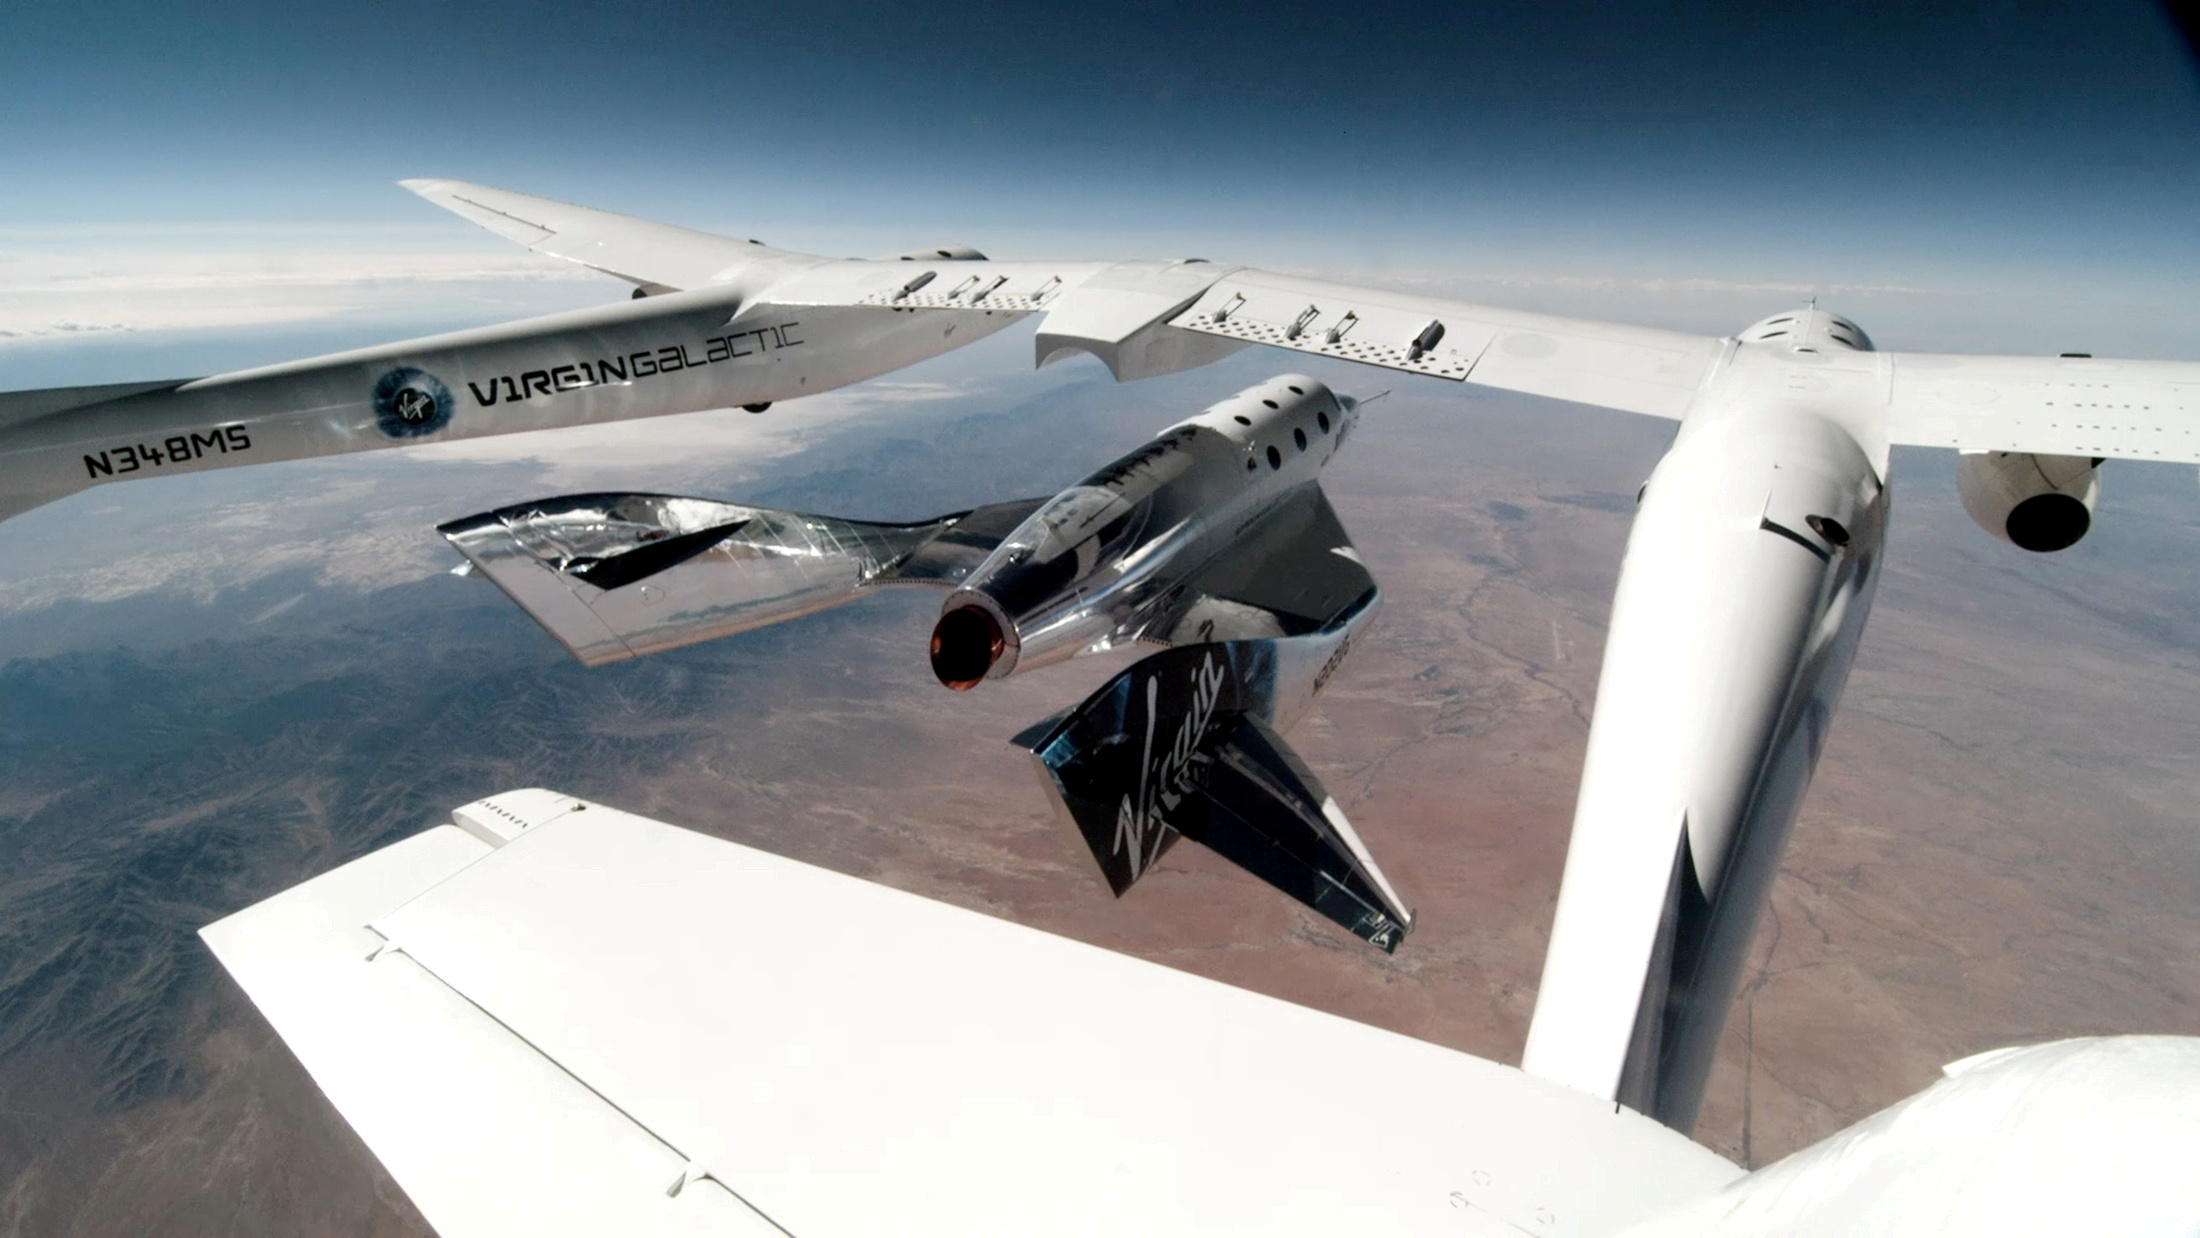 Virgin Galactic пришлось отложить коммерческую миссию ситальянцами из-за расследования полёта Брэнсона